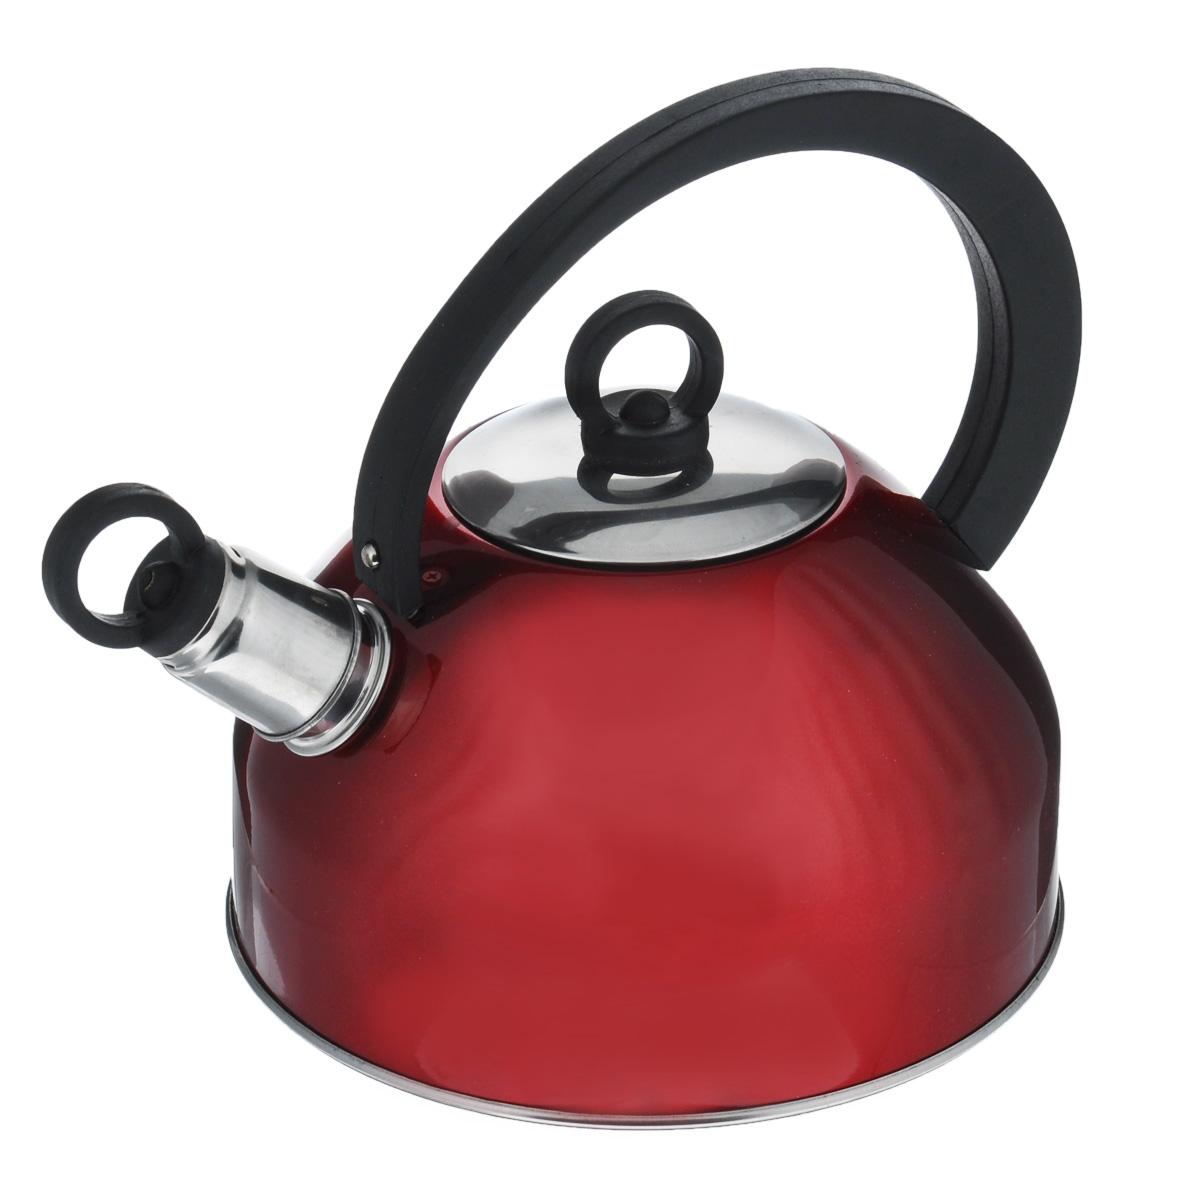 Чайник Mayer & Boch со свистком, цвет: красный, 2,5 л. 32273227Чайник Mayer & Boch изготовлен из высококачественной нержавеющей стали. Гладкая и ровная поверхность существенно облегчает уход. Он оснащен удобной нейлоновой ручкой, которая не нагревается даже при продолжительном периоде нагрева воды. Носик чайника имеет насадку-свисток, что позволит вам контролировать процесс подогрева или кипячения воды. Выполненный из качественных материалов чайник Mayer & Boch при кипячении сохраняет все полезные свойства воды.Подходит для газовых, электрических и галогеновых плит. Не подходит для индукционных плит.Диаметр основания чайника: 18,5 см.Высота чайника (с учетом ручки): 19,5 см.Высота чайника (без учета ручки): 11,5 см.